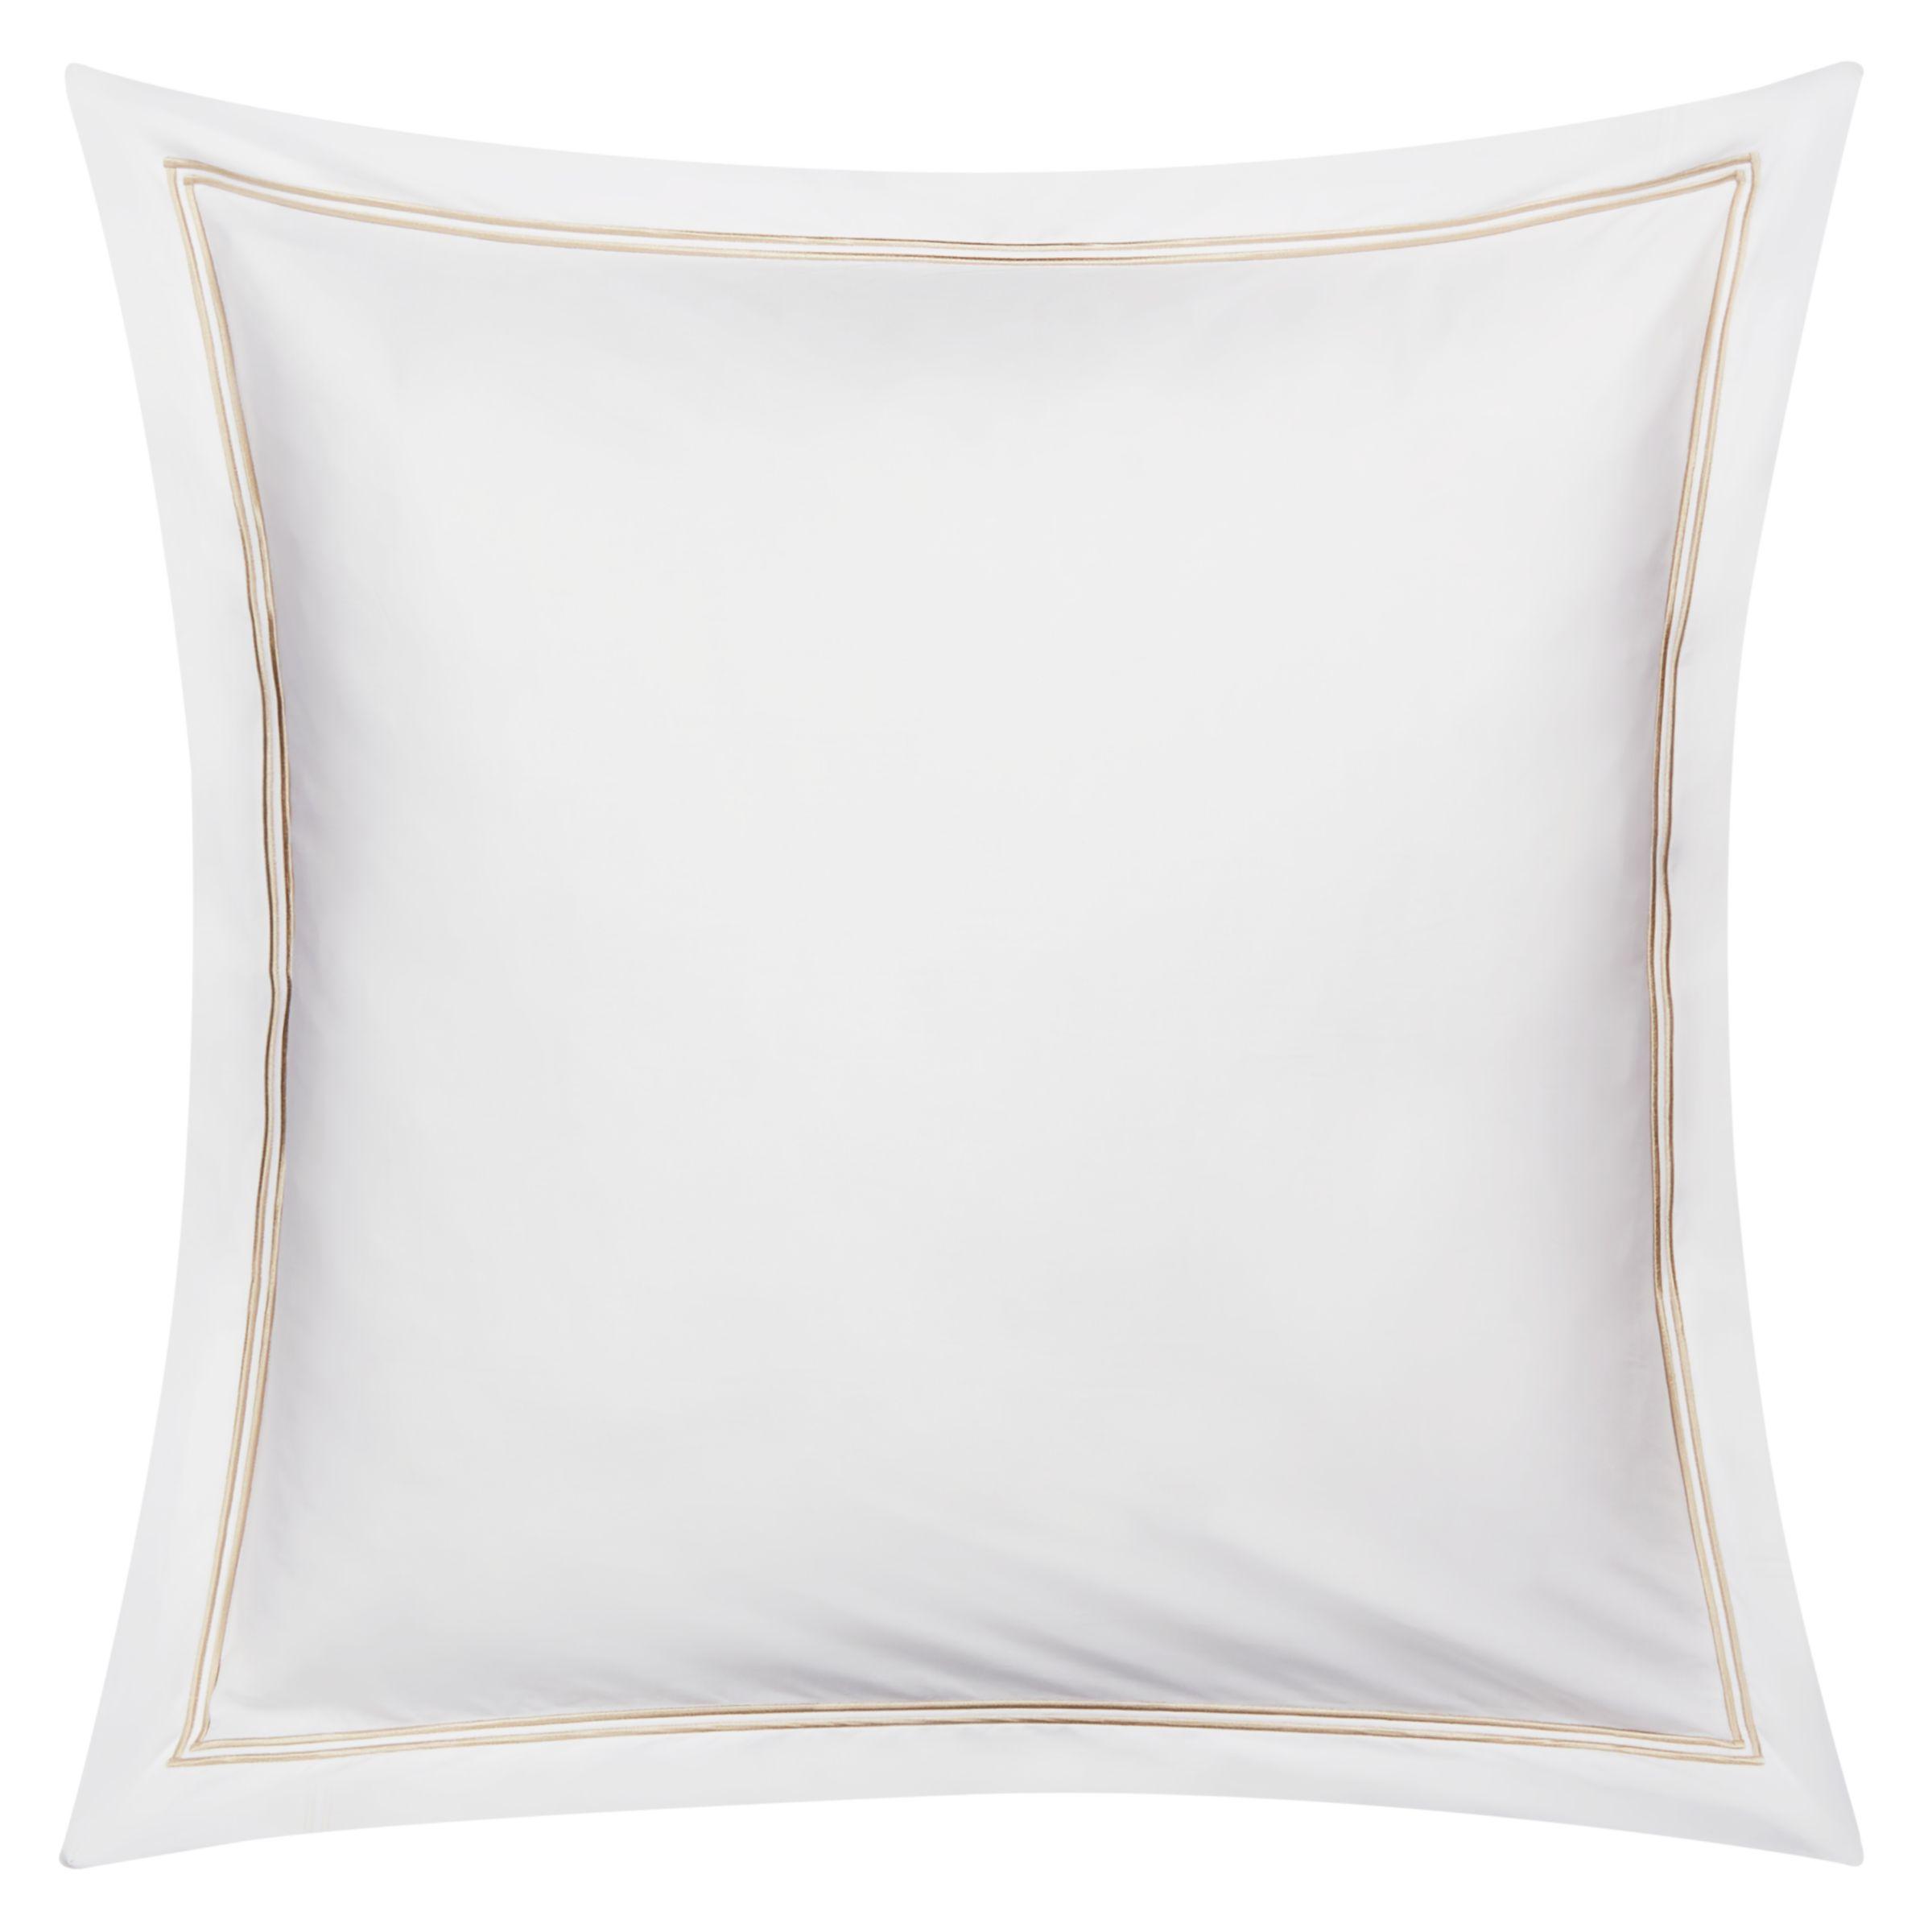 John Lewis Square Oxford Pillowcase 100